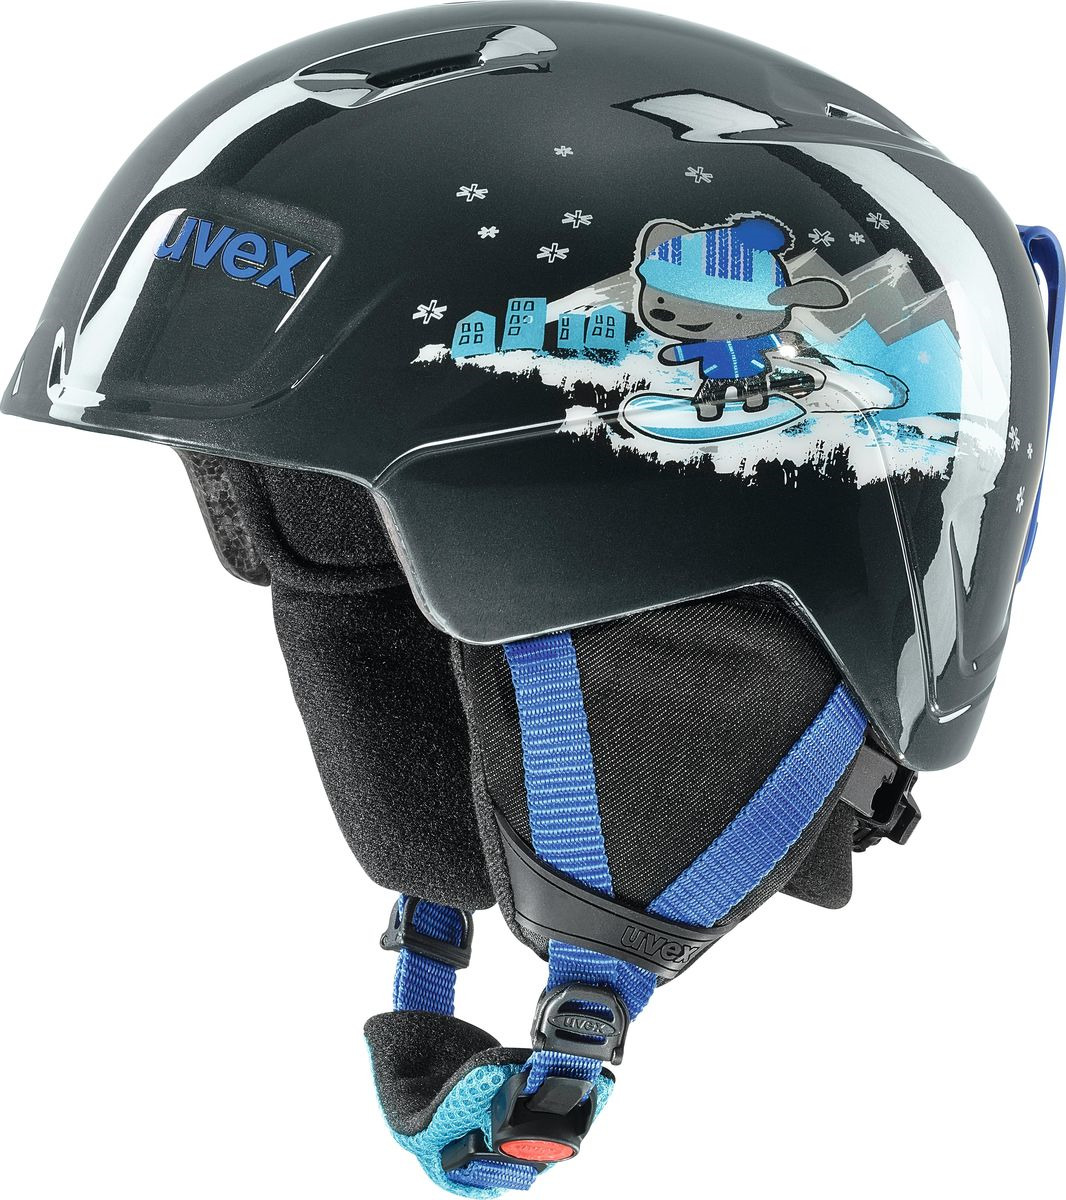 Шлем горнолыжный для мальчика Uvex Manic Kid's Helmet, 6226-20, черный. Размер 46/50